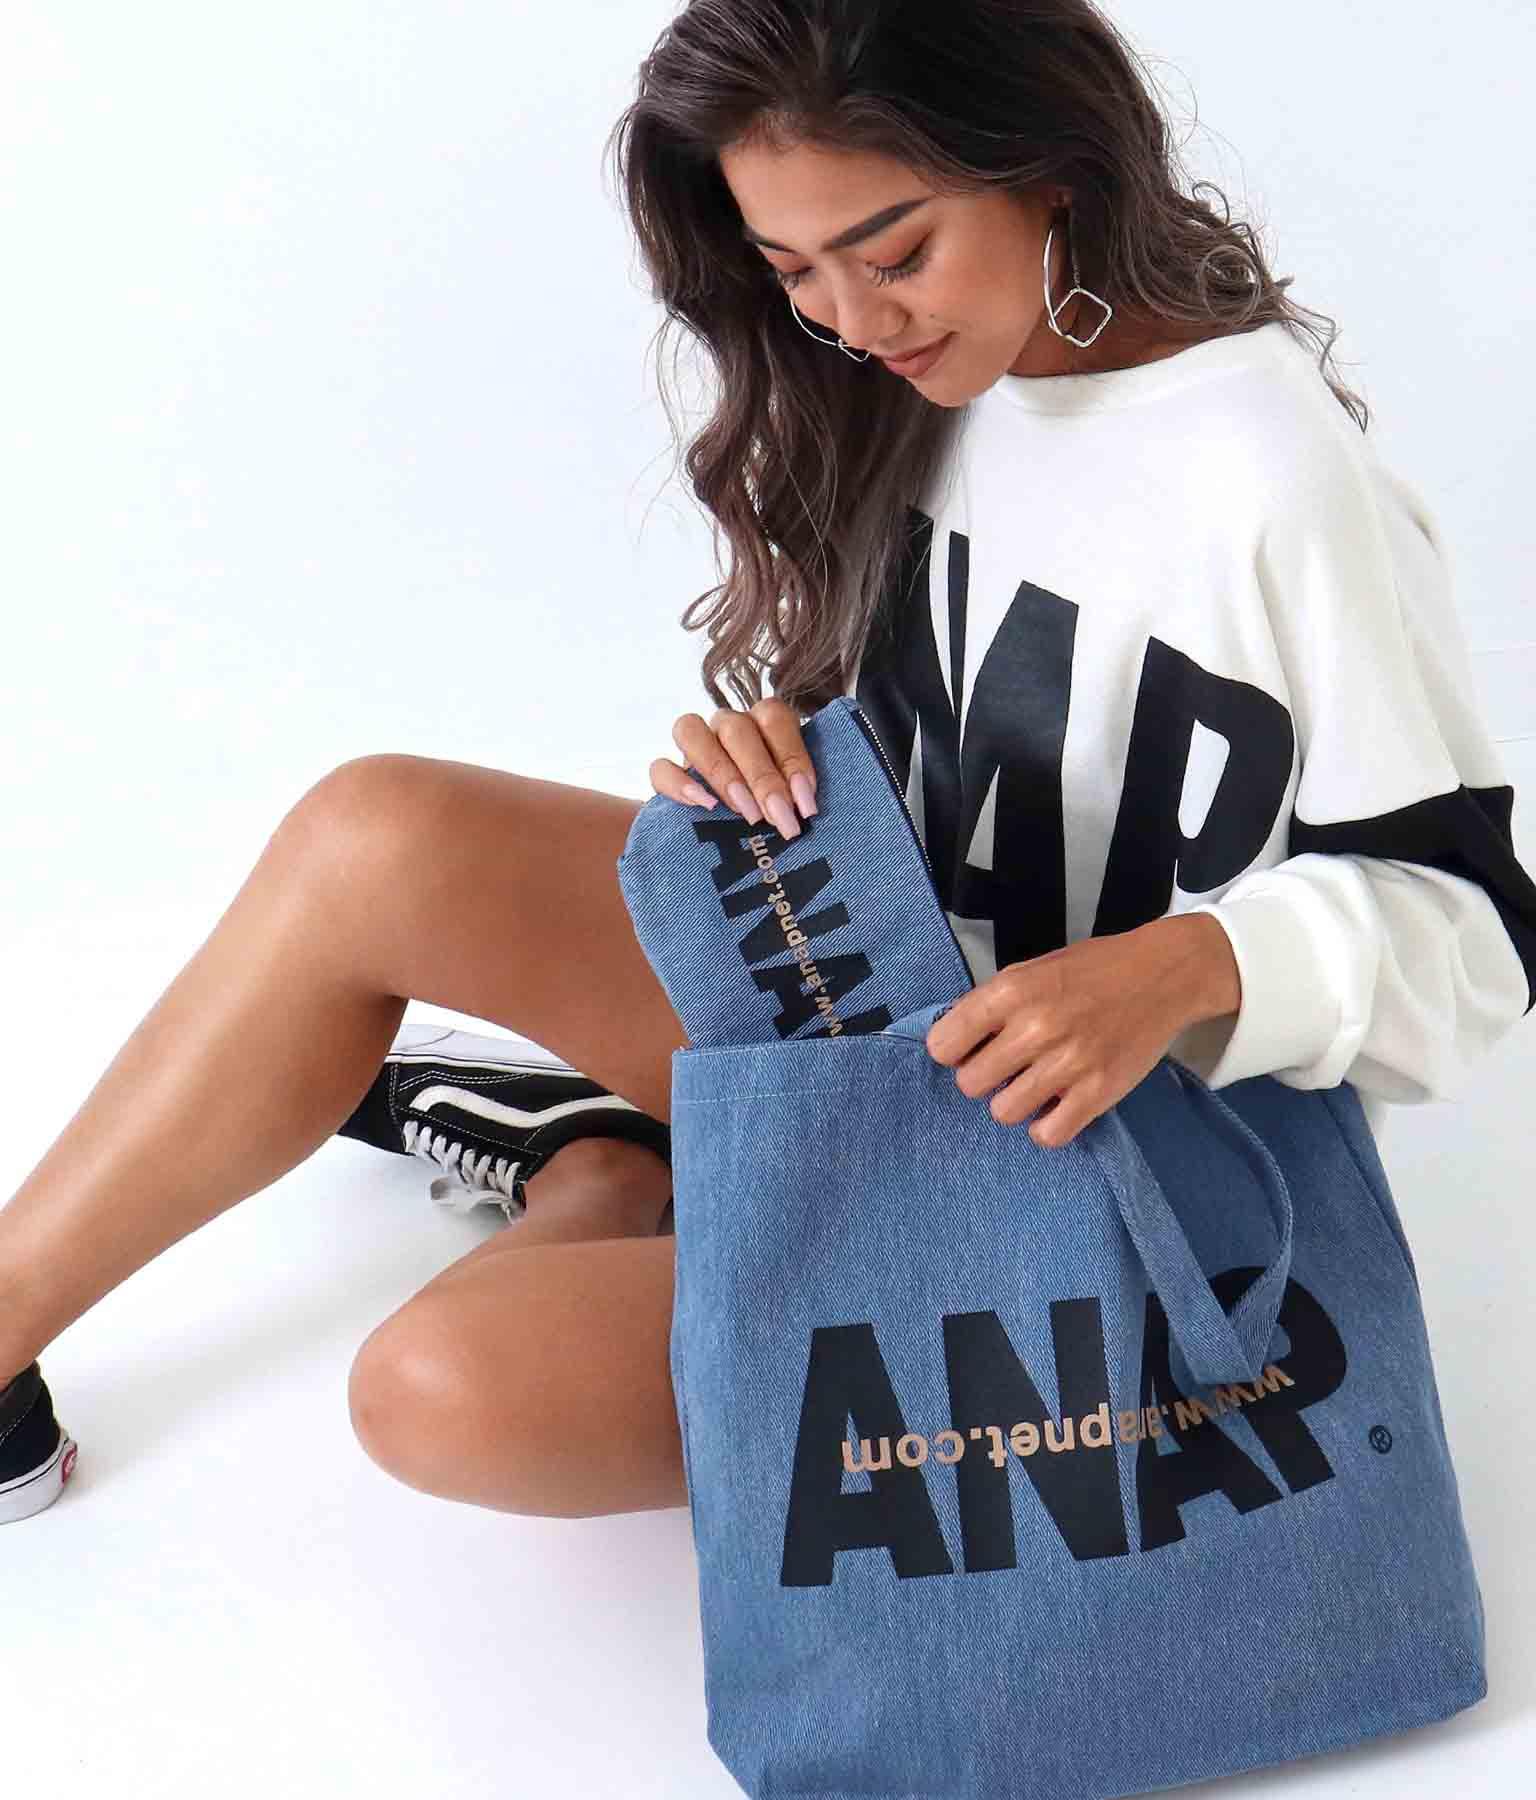 ANAPロゴデニム風ポーチ(ファッション雑貨/ポーチ) | ANAP